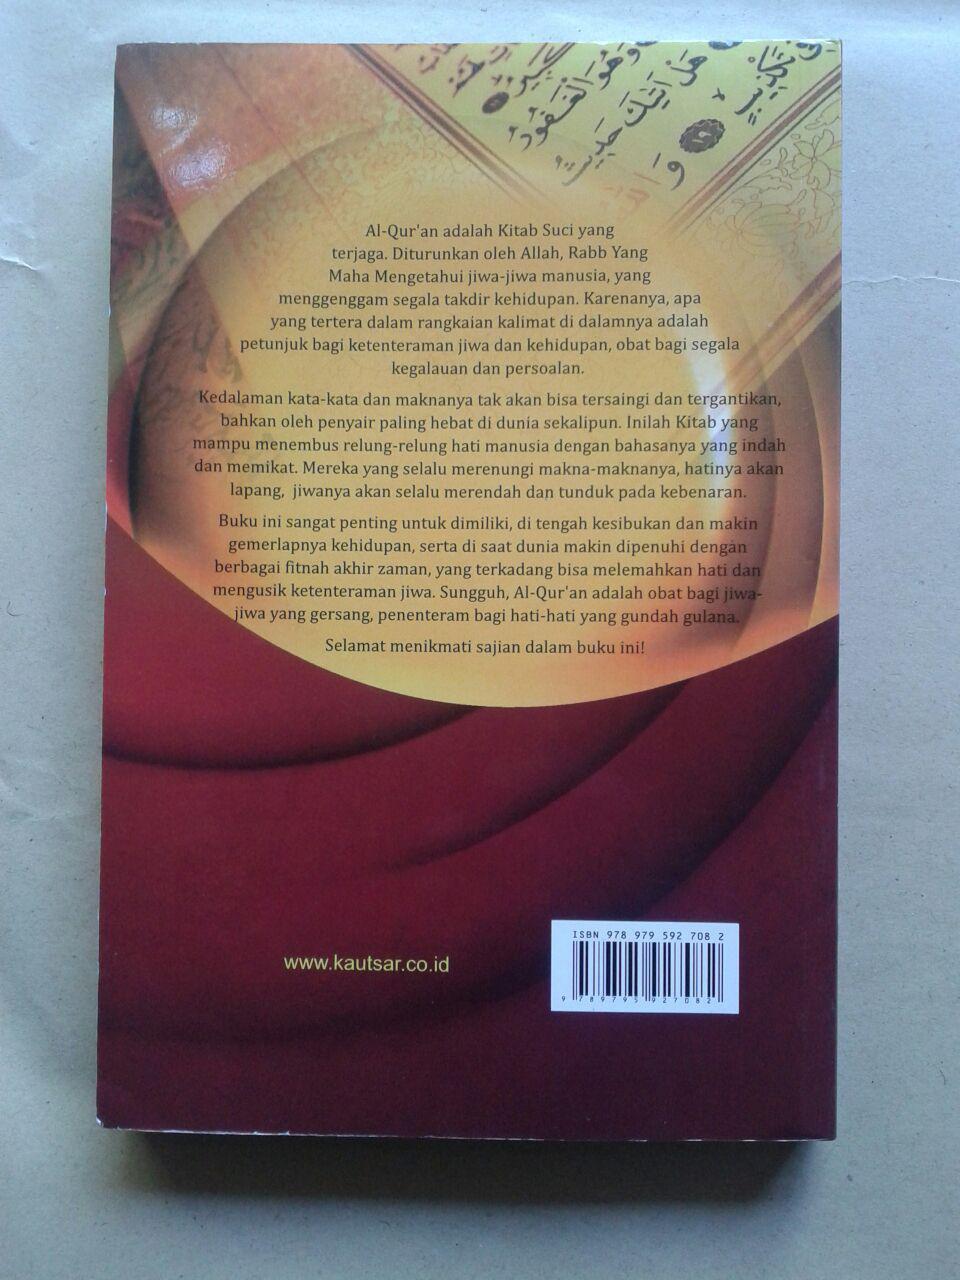 Buku 50 Kaidah Al-Qur'an Dalam Jiwa Dan Kehidupan 75.000 20% 60.000 Pustaka Al-Kautsar cover 2